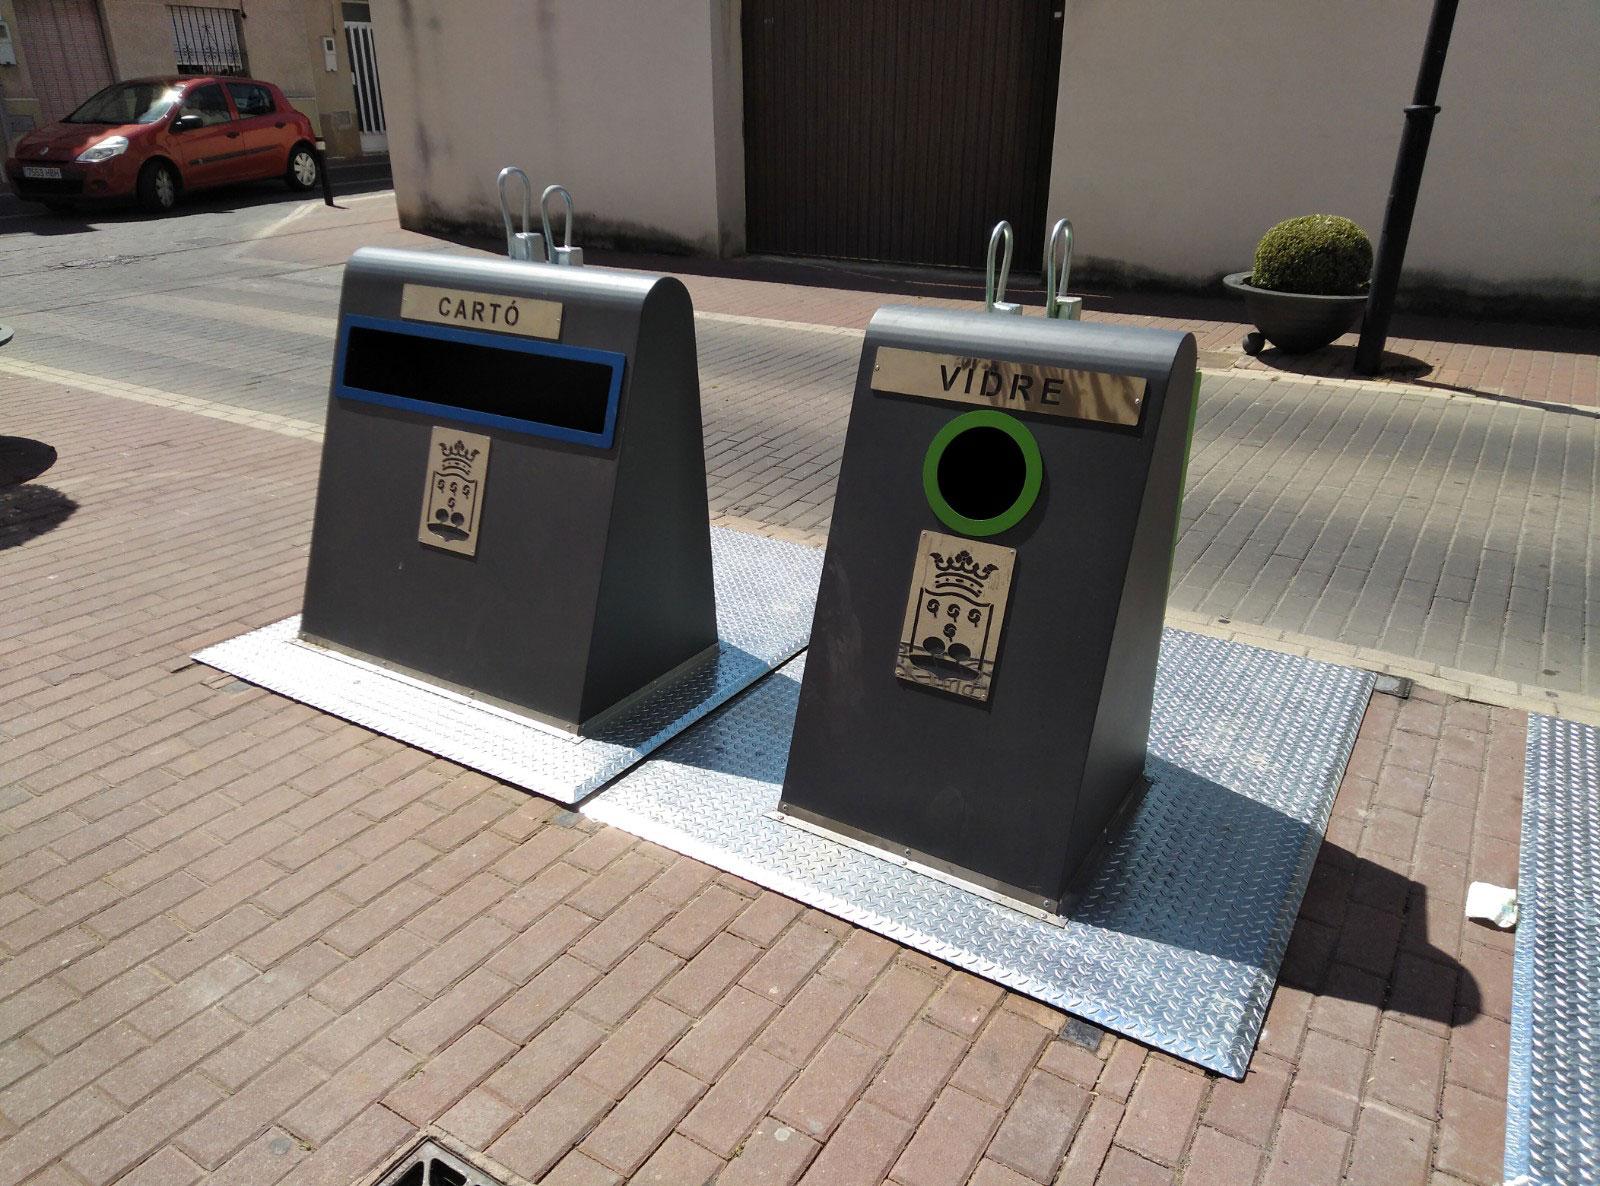 Contenedores de reciclado de cartón y vidrio